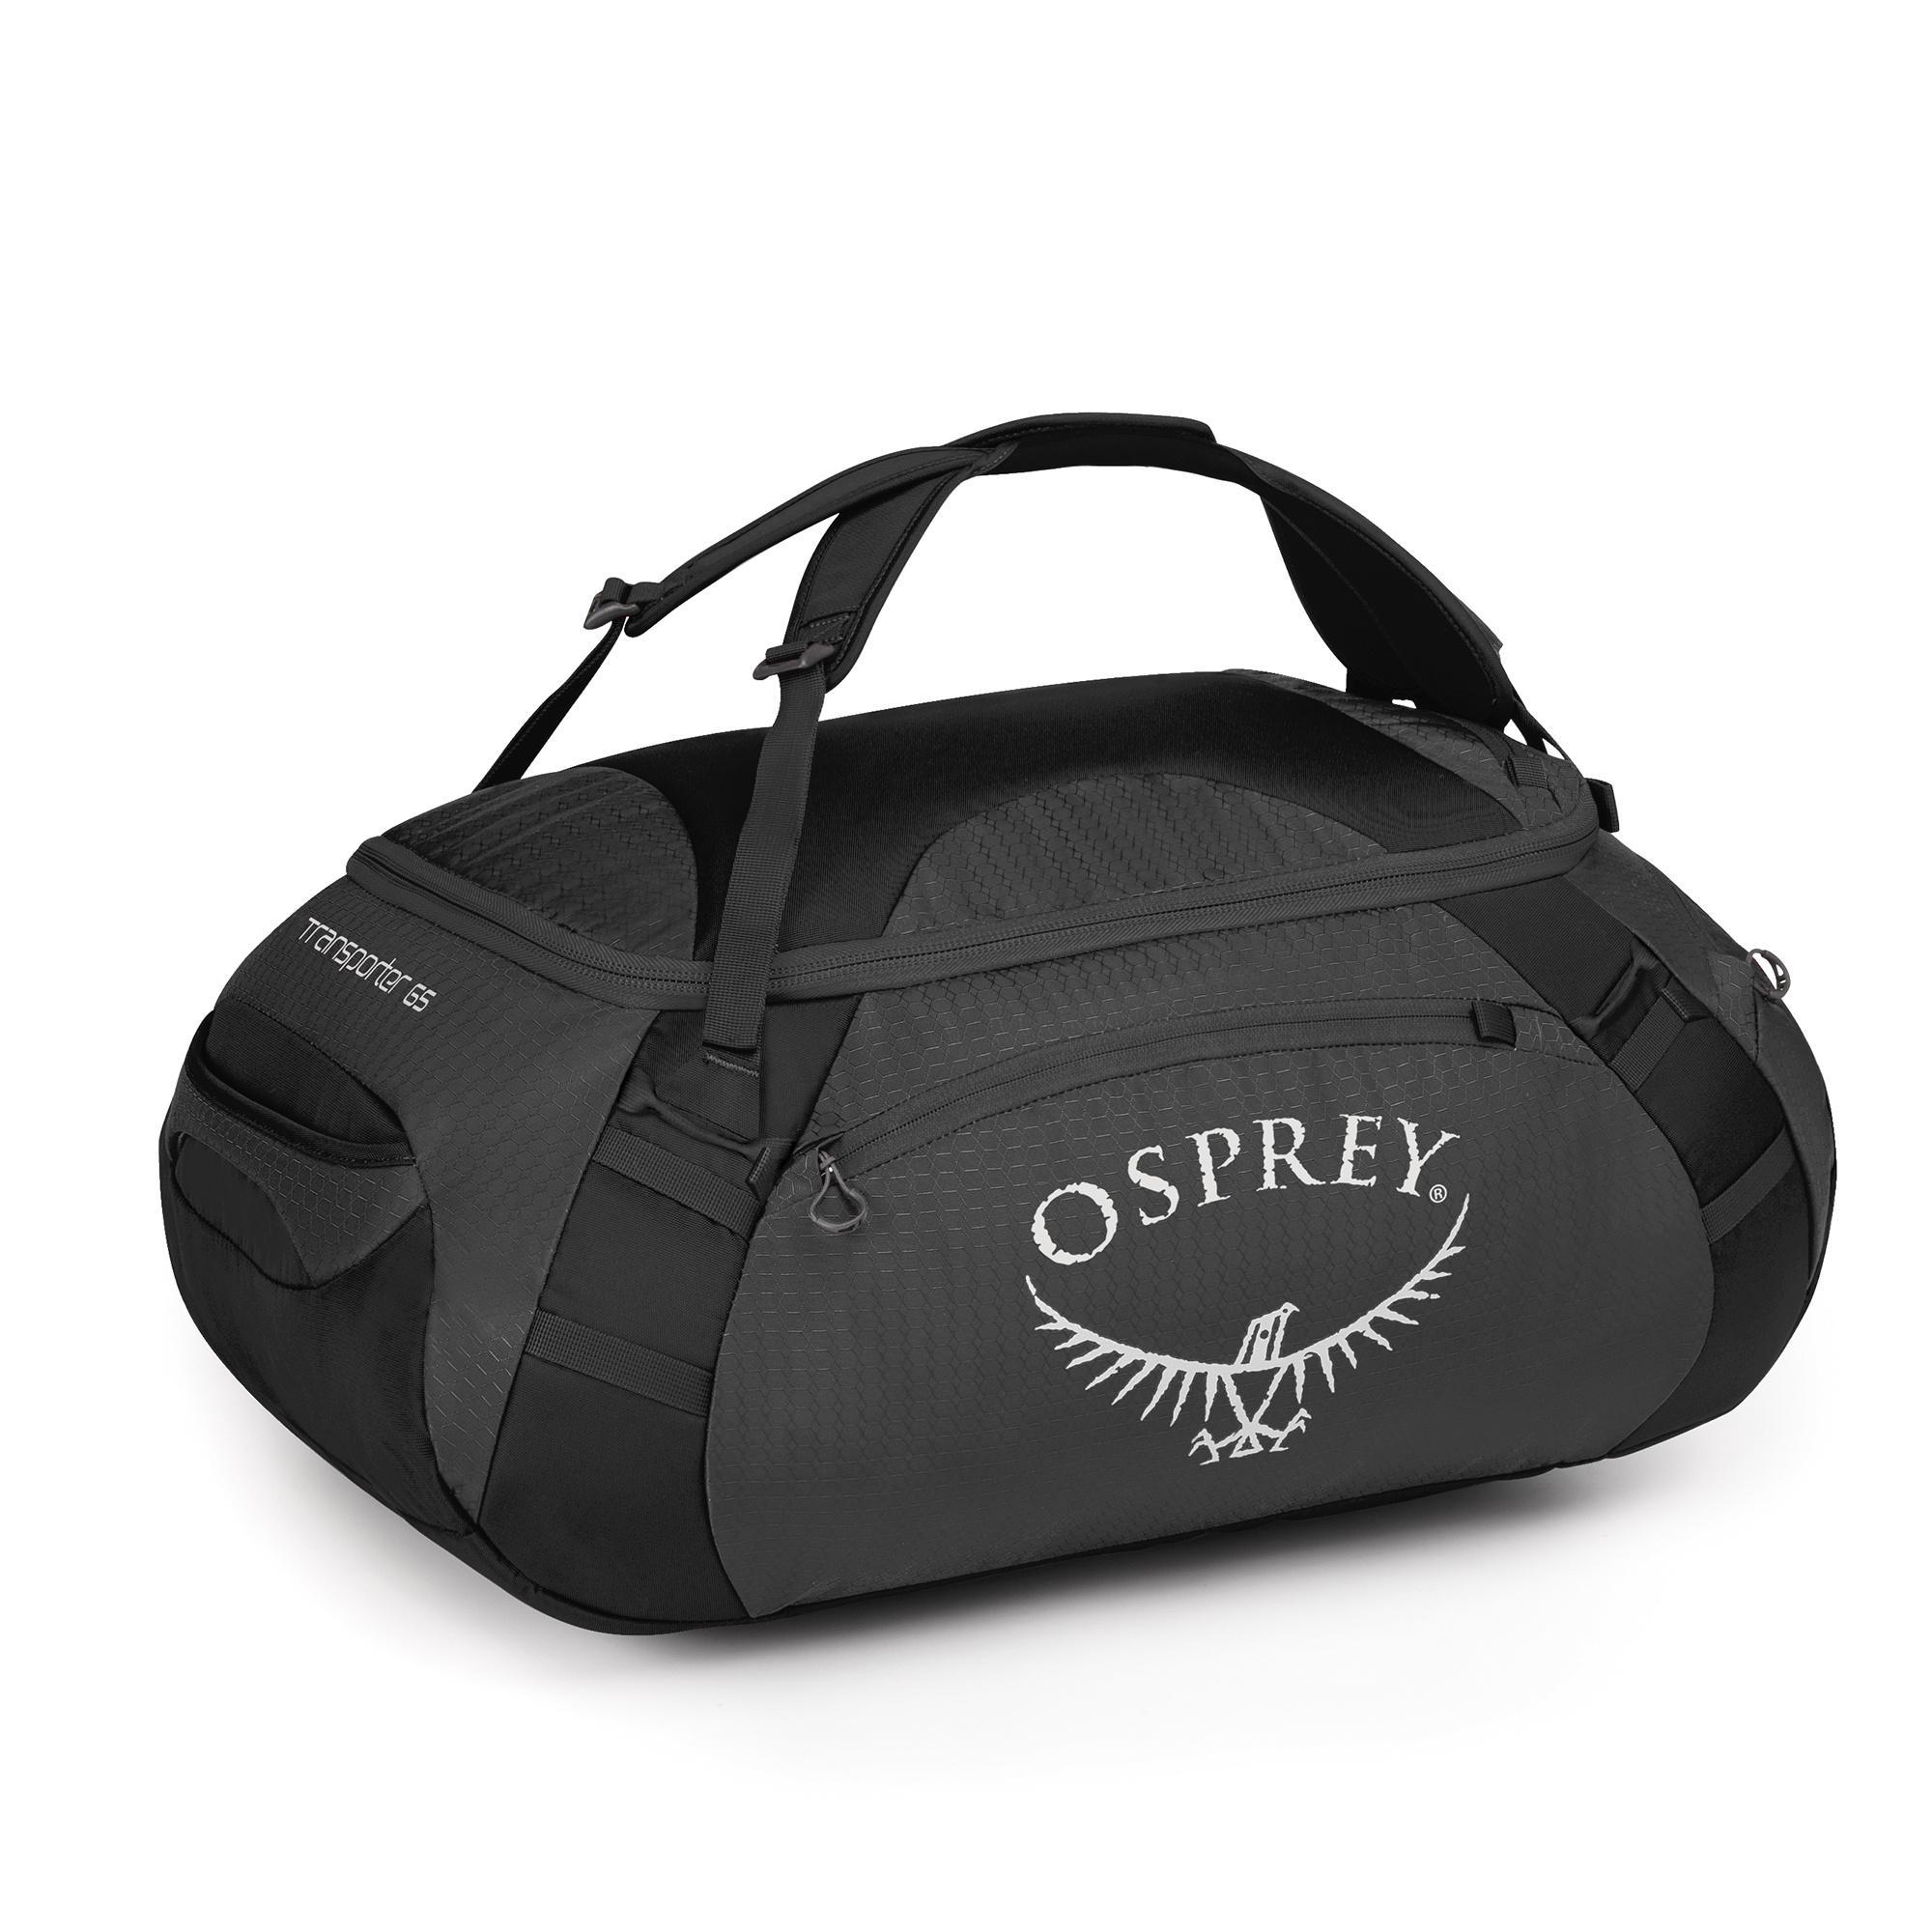 Osprey Transporter 65 Holdall Grey